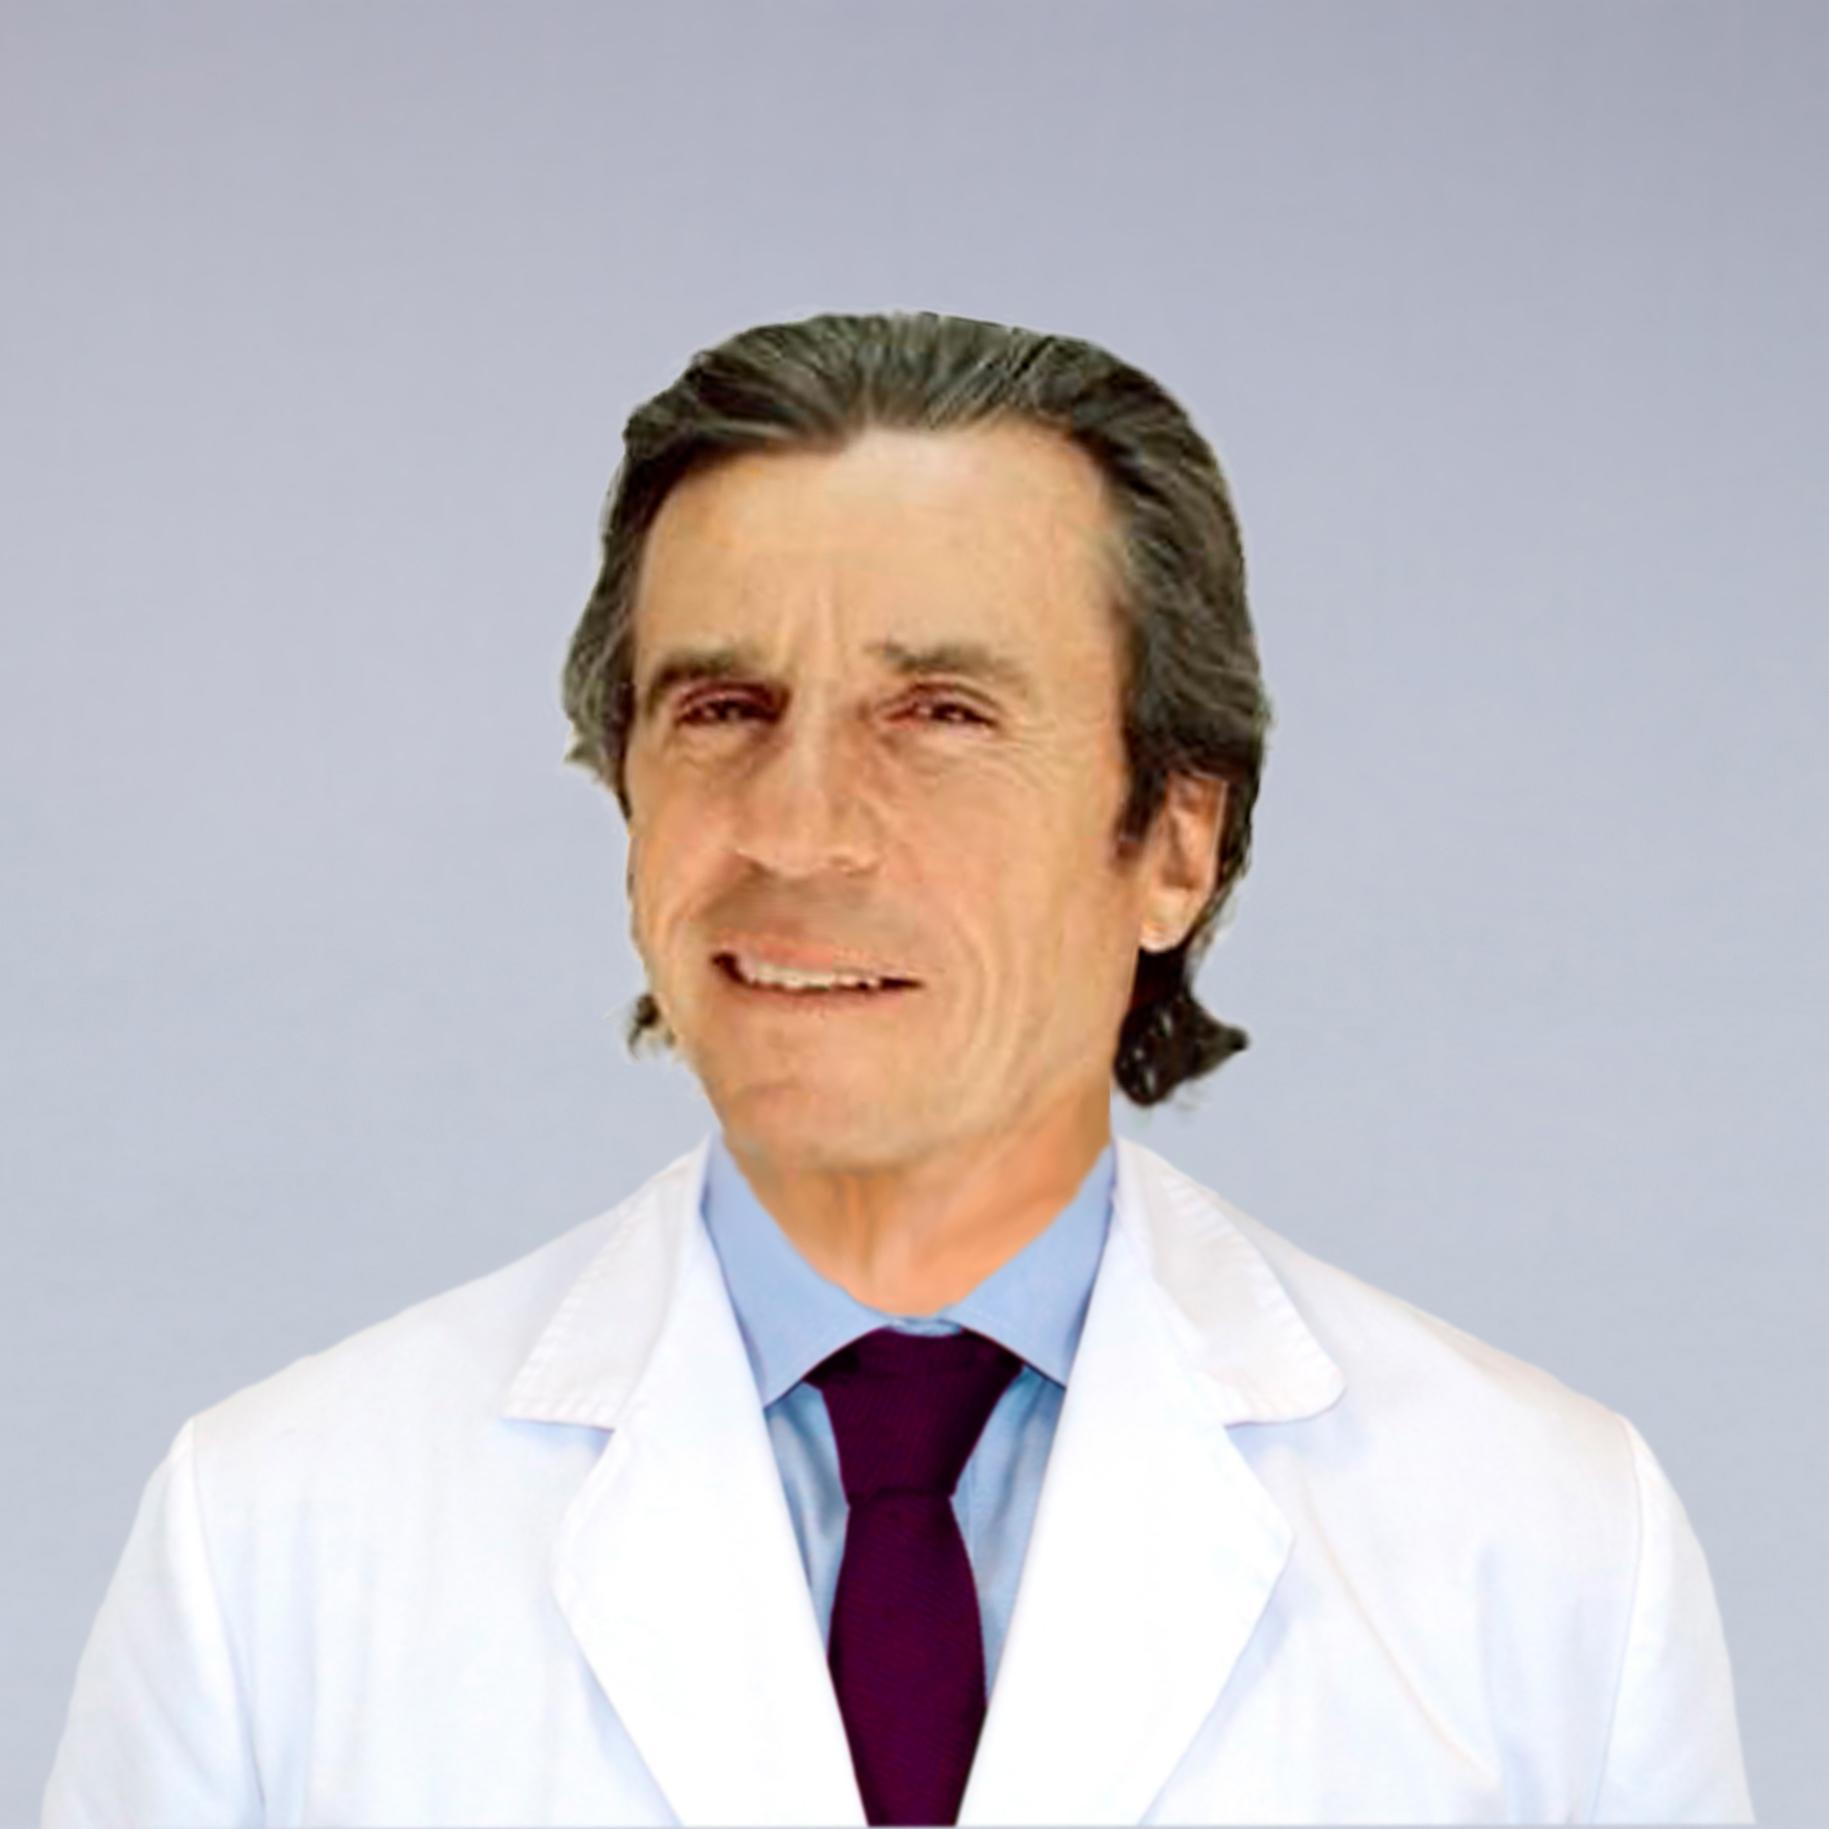 Rodolfo Rodríguez Afonso